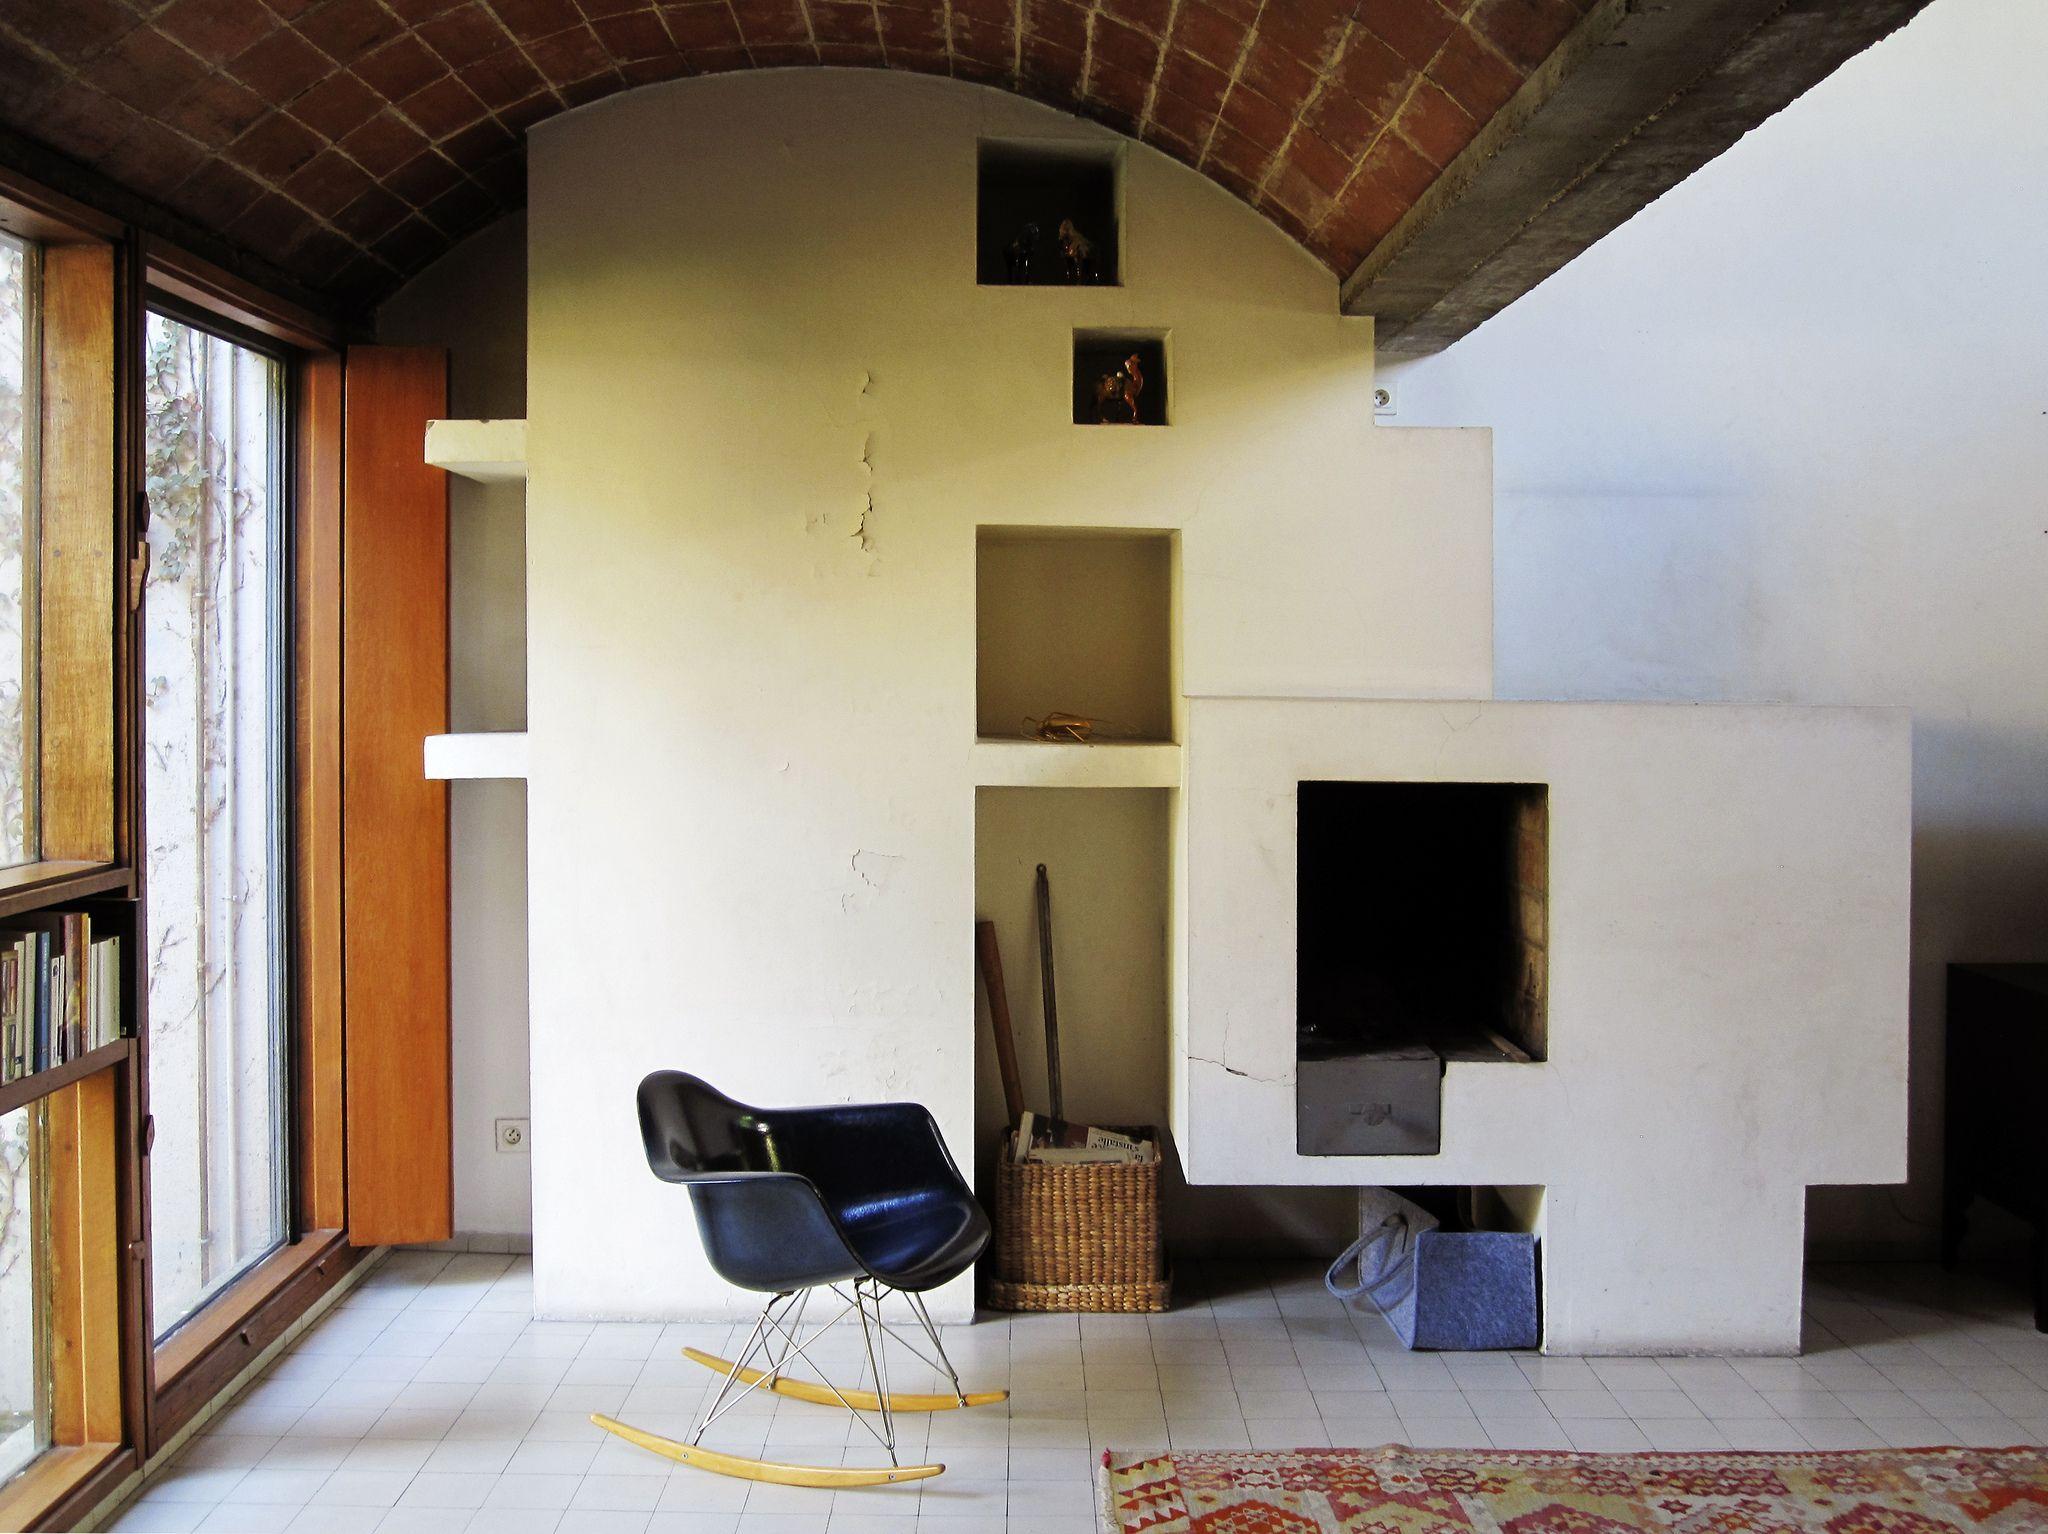 Maison Jaoul _ Le Corbusier Interior architecture, Le